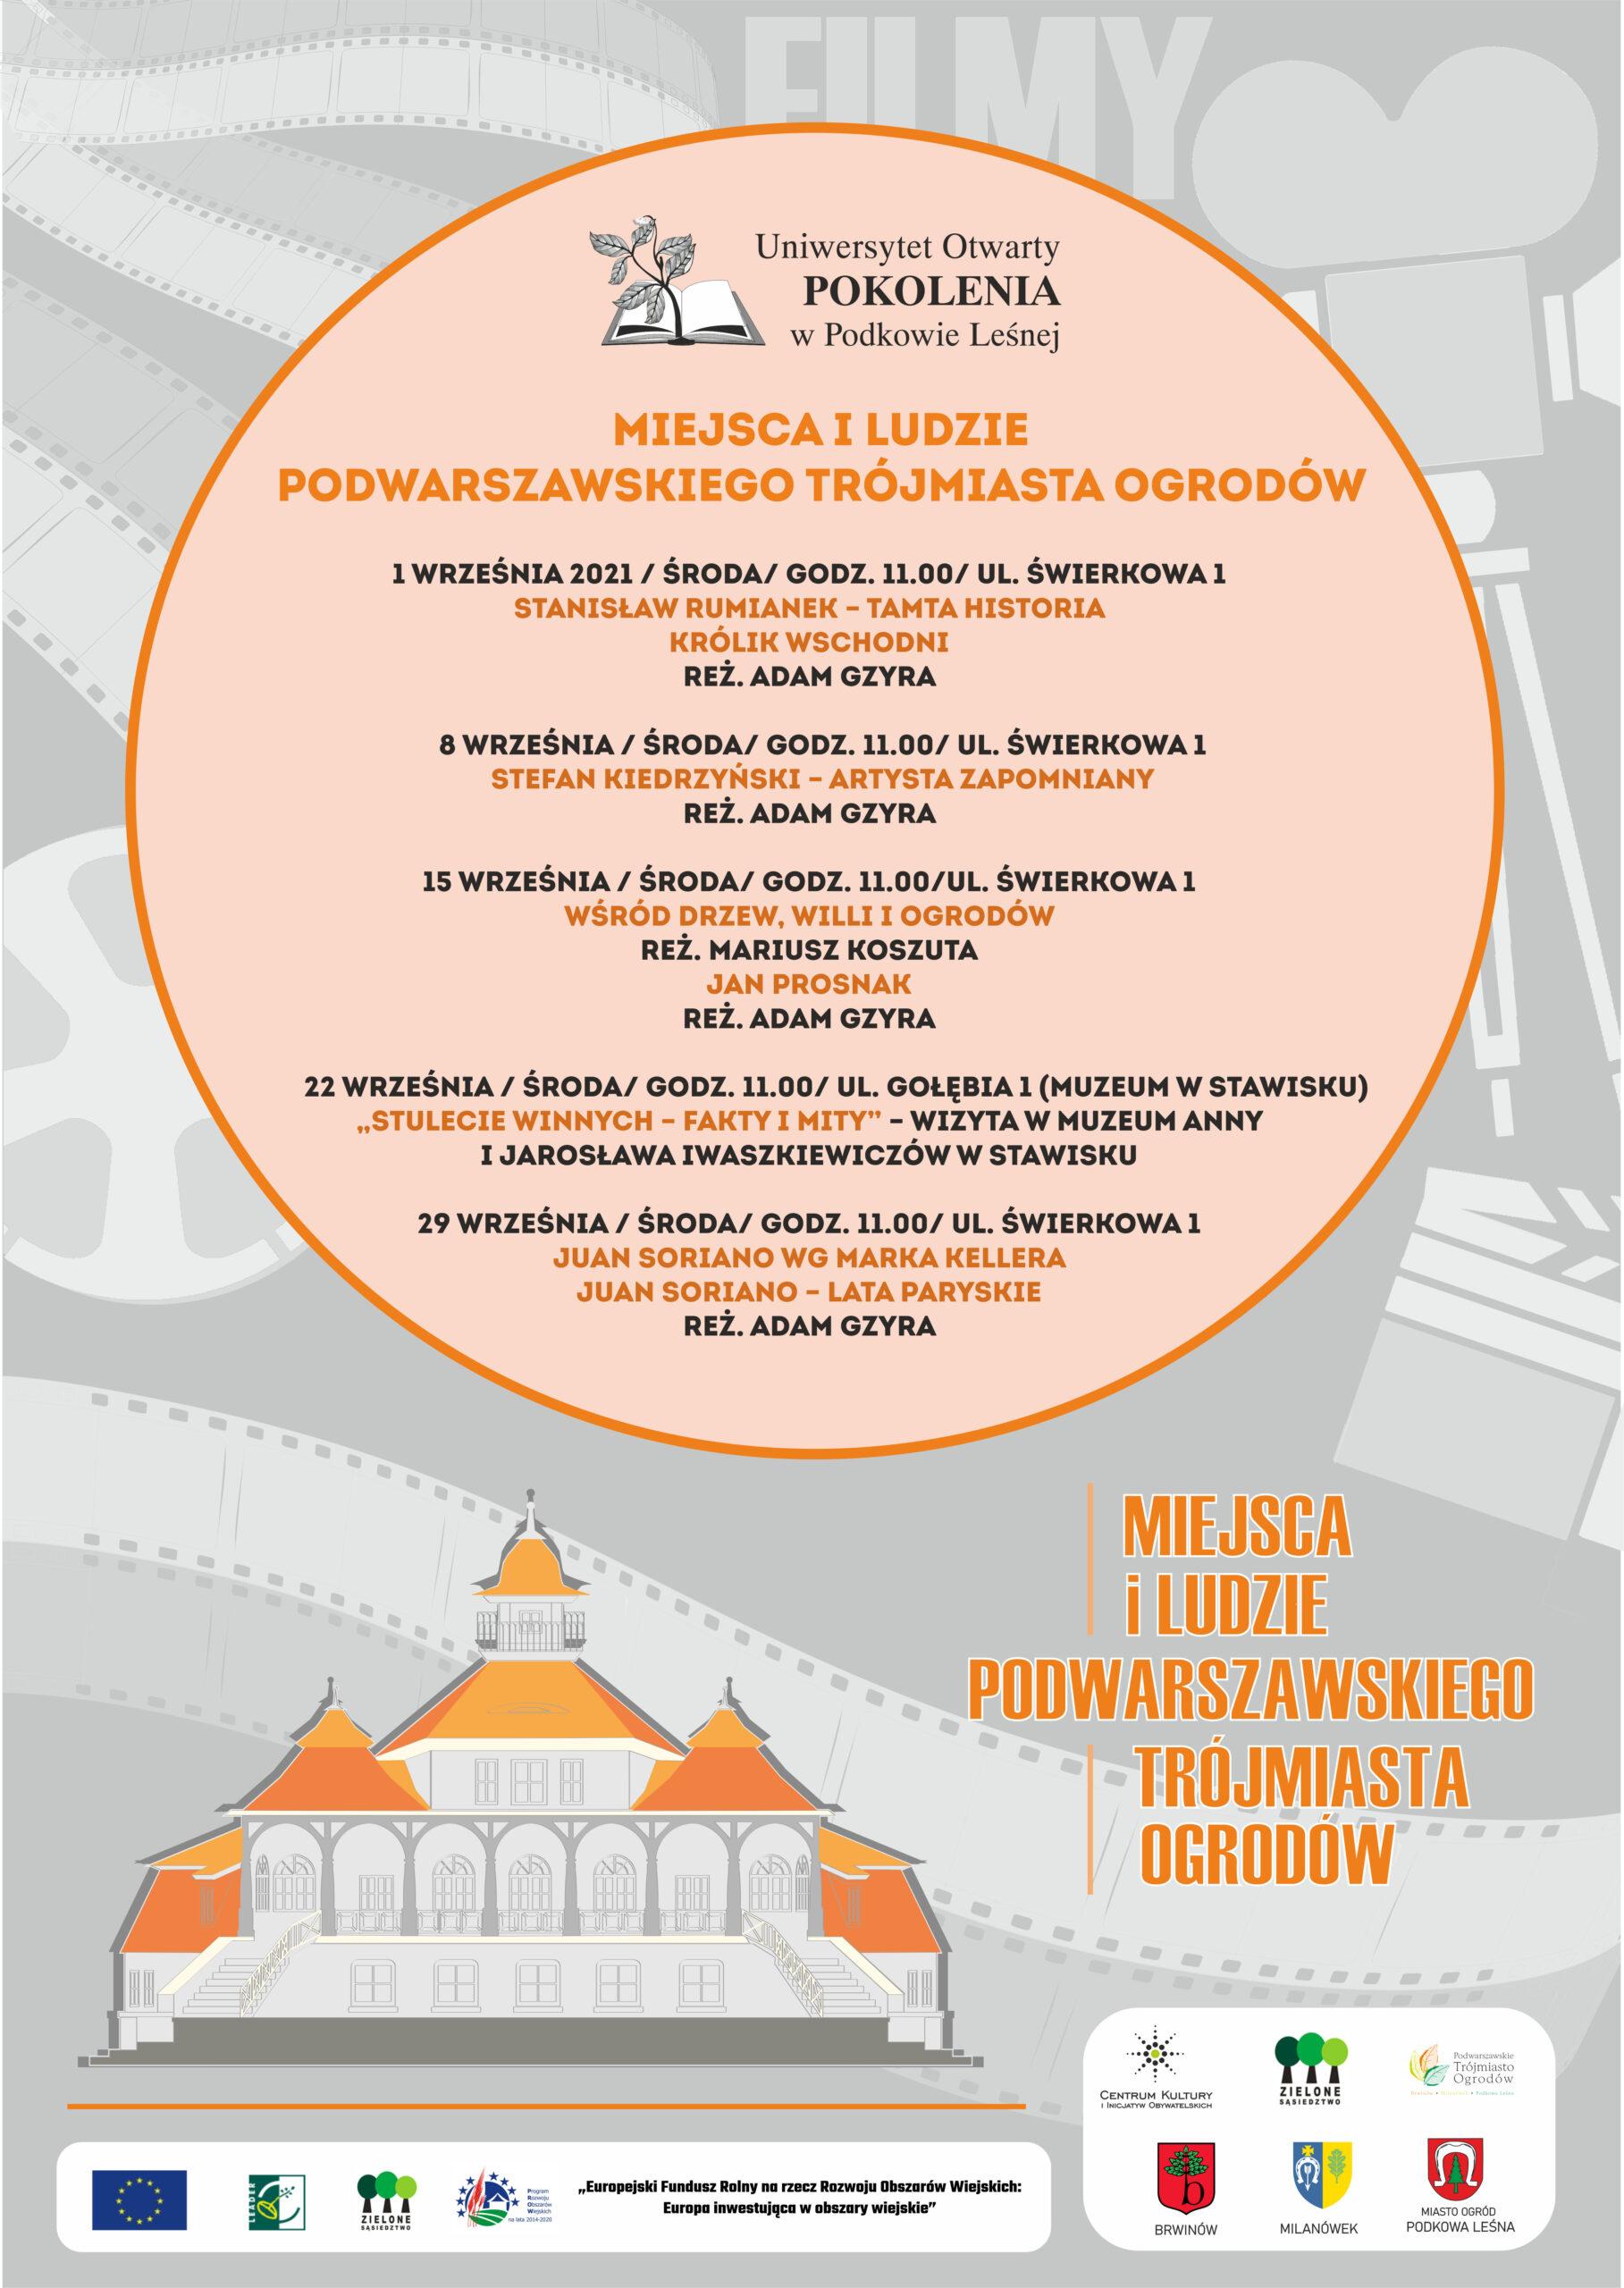 You are currently viewing Miejsca i ludzie Podwarszawskiego Trójmiasta Ogrodów